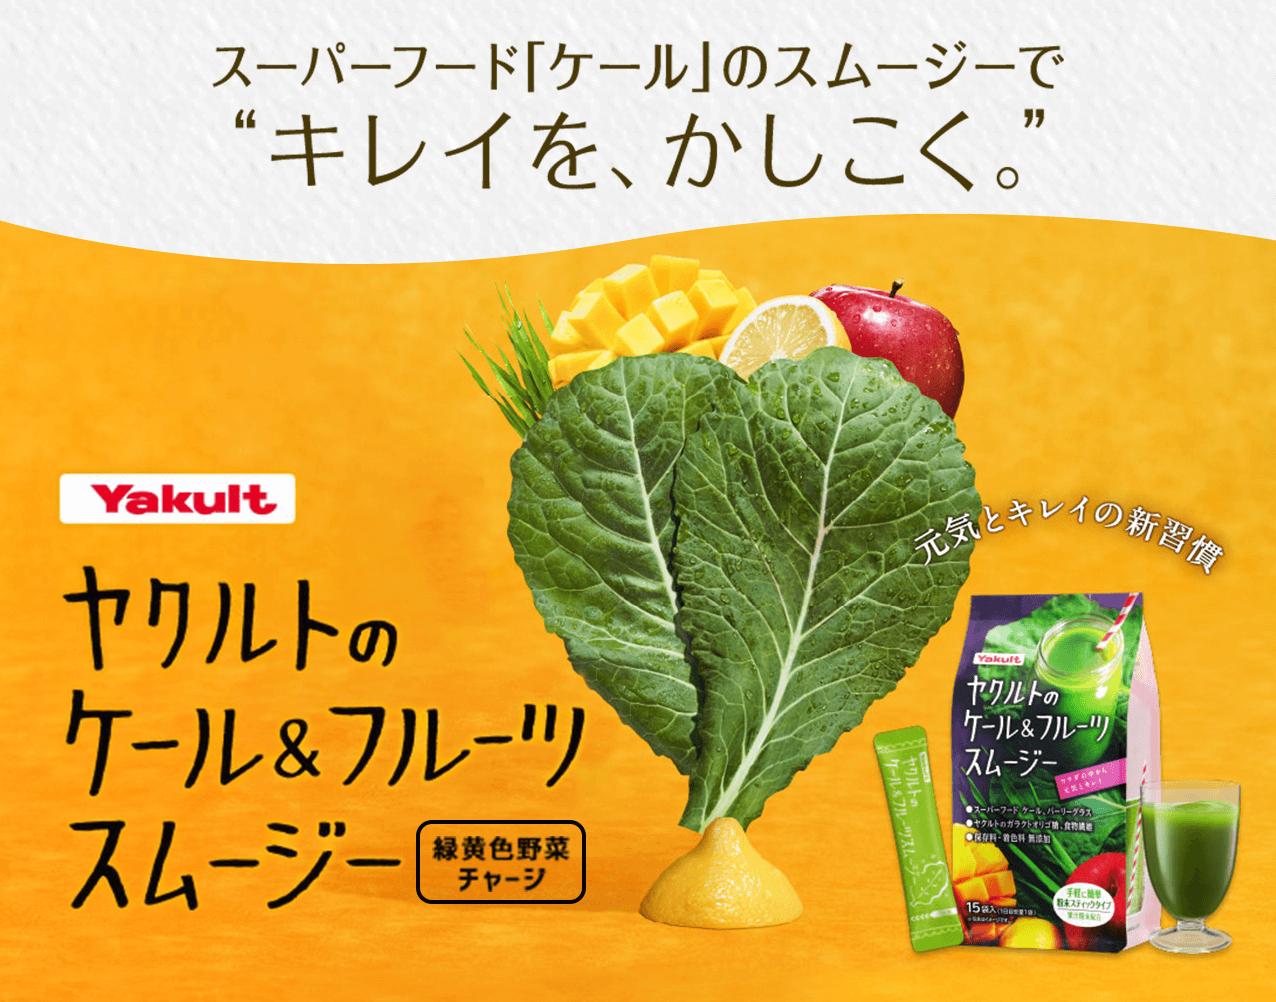 """スーパーフード「ケール」のスムージーで""""キレイを、かしこく。"""" Yakult ヤクルトのケール&フルーツスムージー 緑黄色野菜チャージ"""